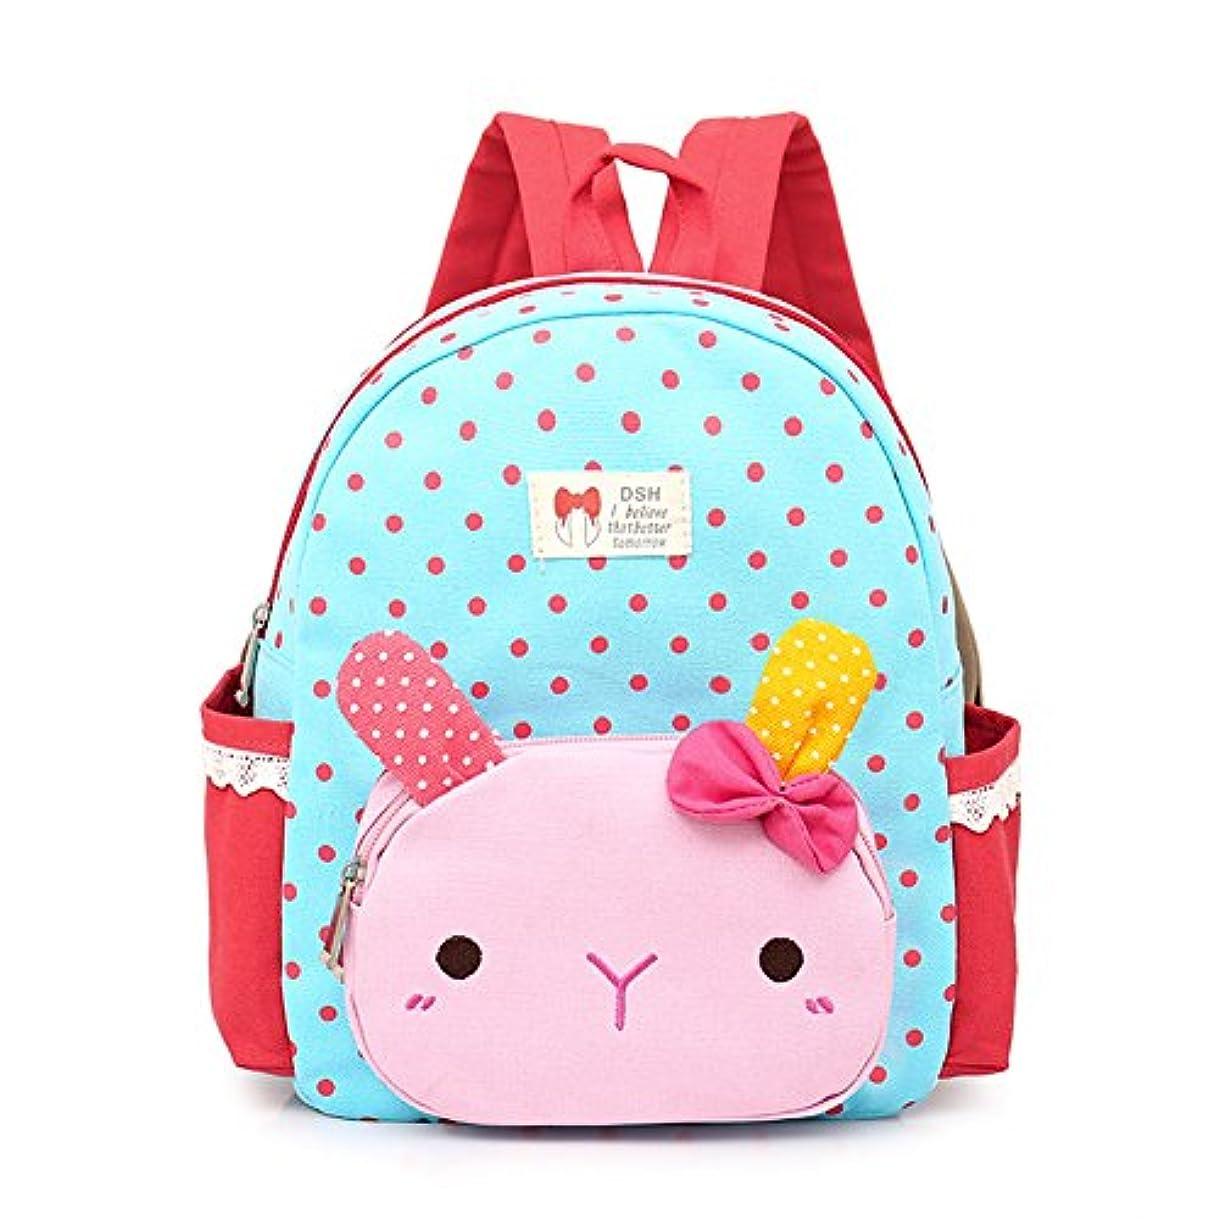 分離かけるのバッグ リュック リュックサック 子供 キッズ用 可愛い 動物 幼稚園 保育園 お出かけ 1-3歳